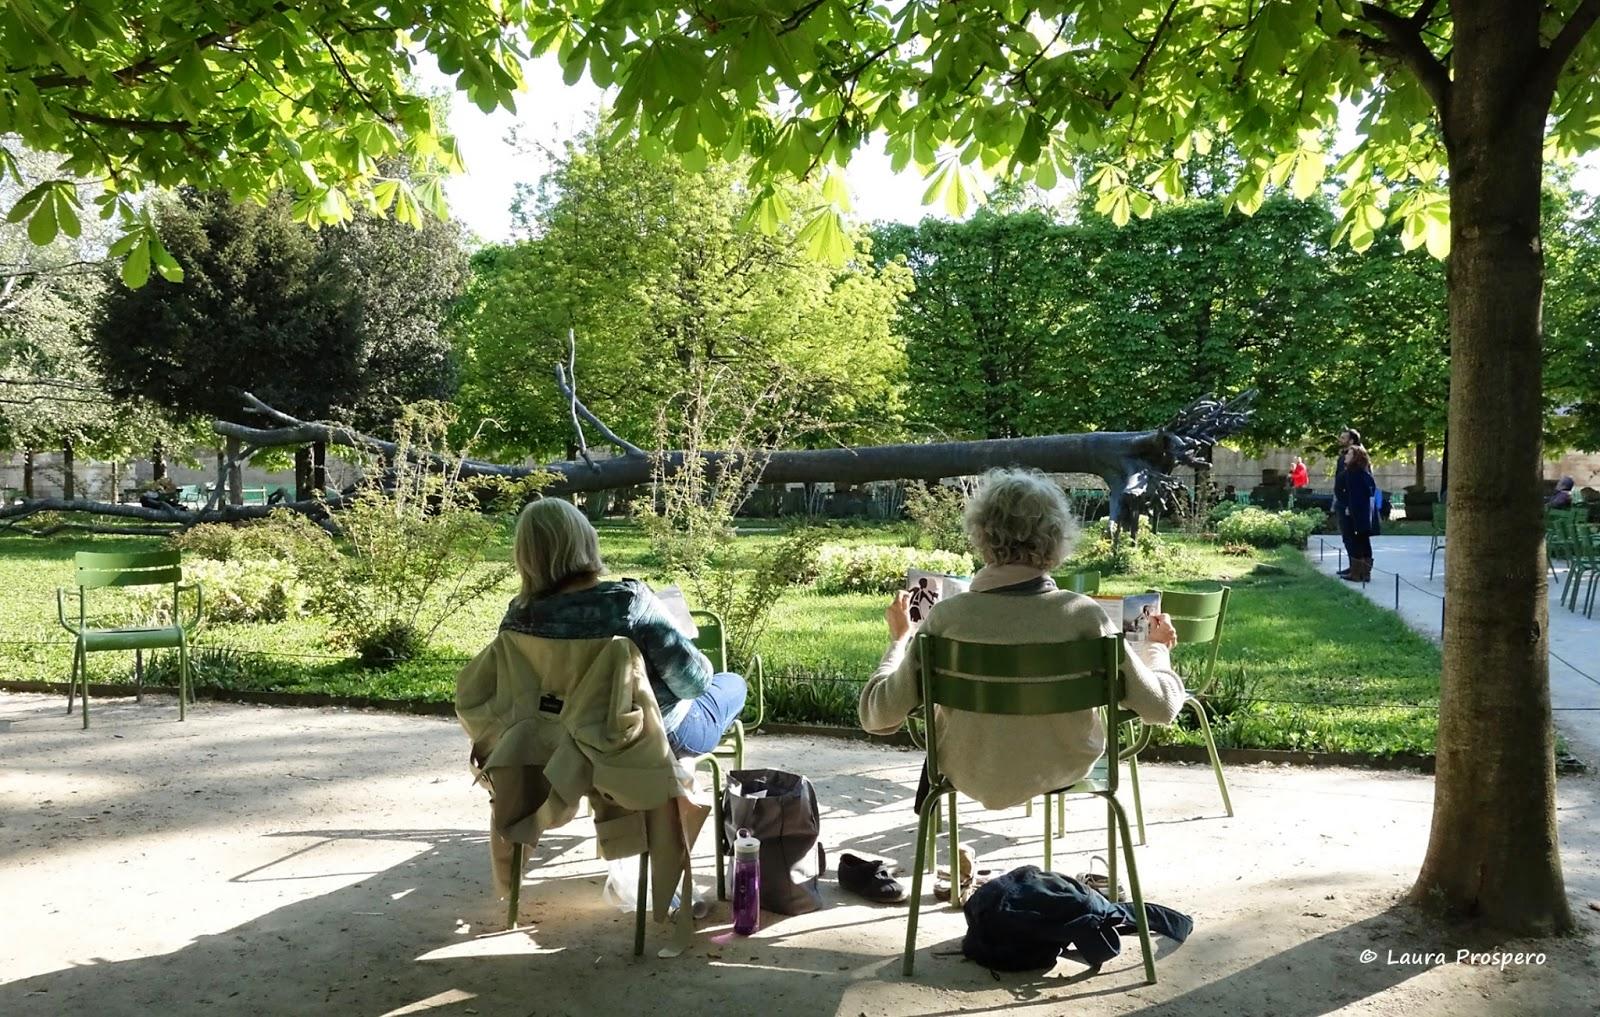 L'Arbre des Voyelles de Giuseppe Penone a Jardin des Tuileries, Paris © Laura Próspero